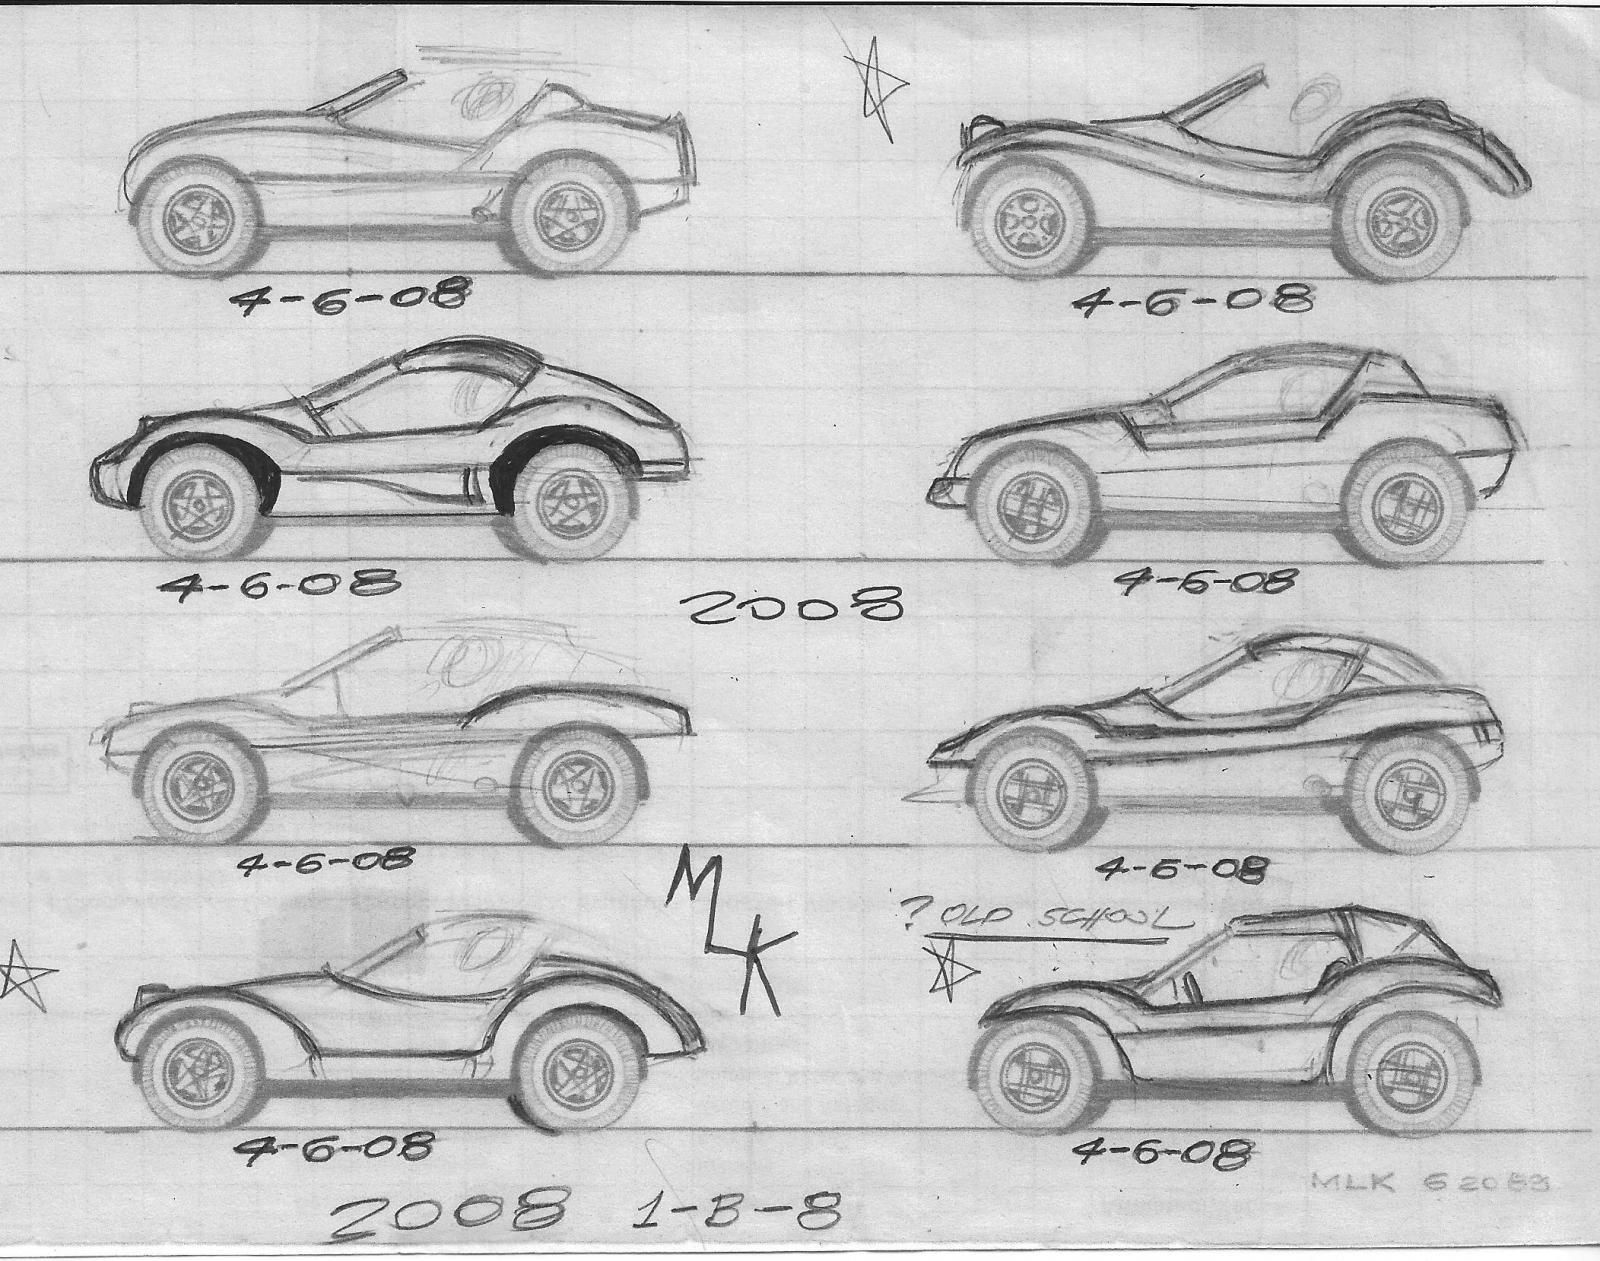 Vw Kit Cars